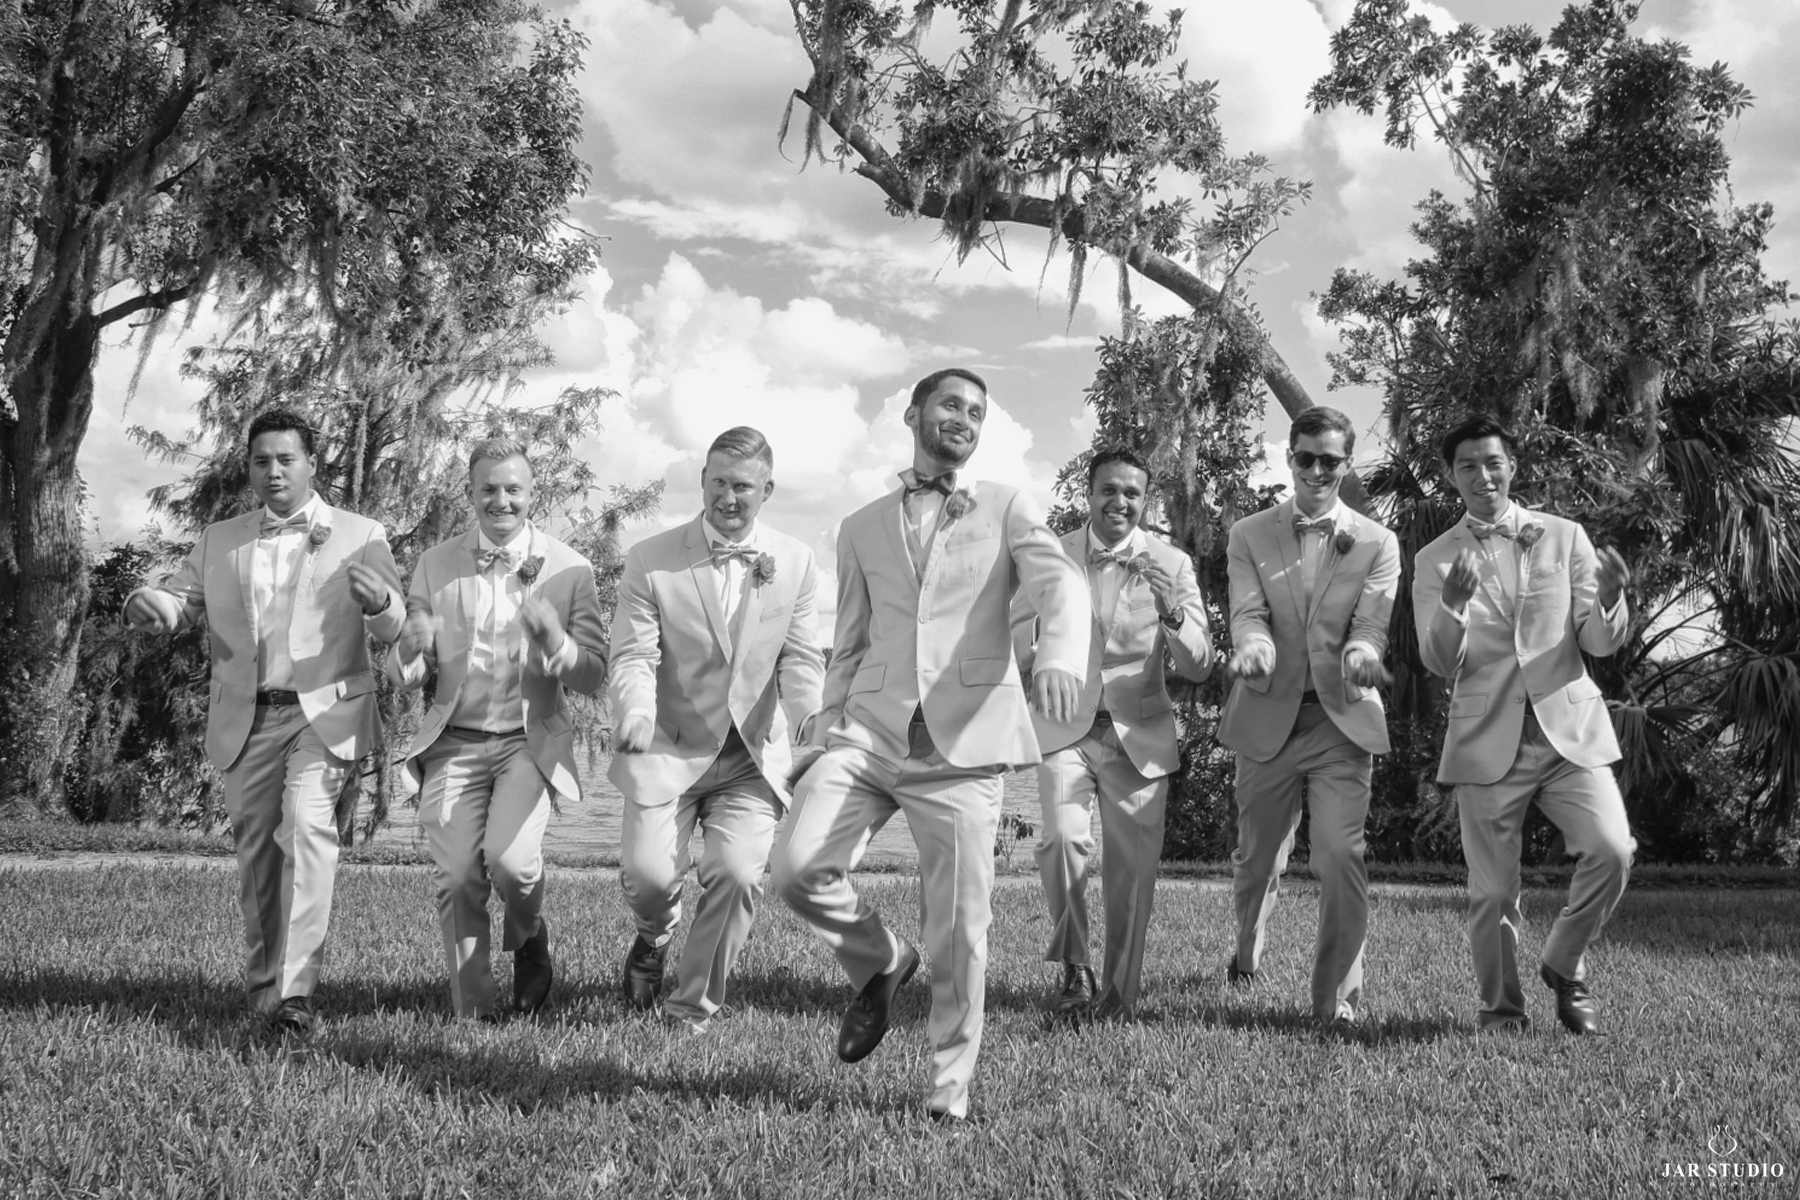 jarstudio-fun-wedding-photographer-297.JPG